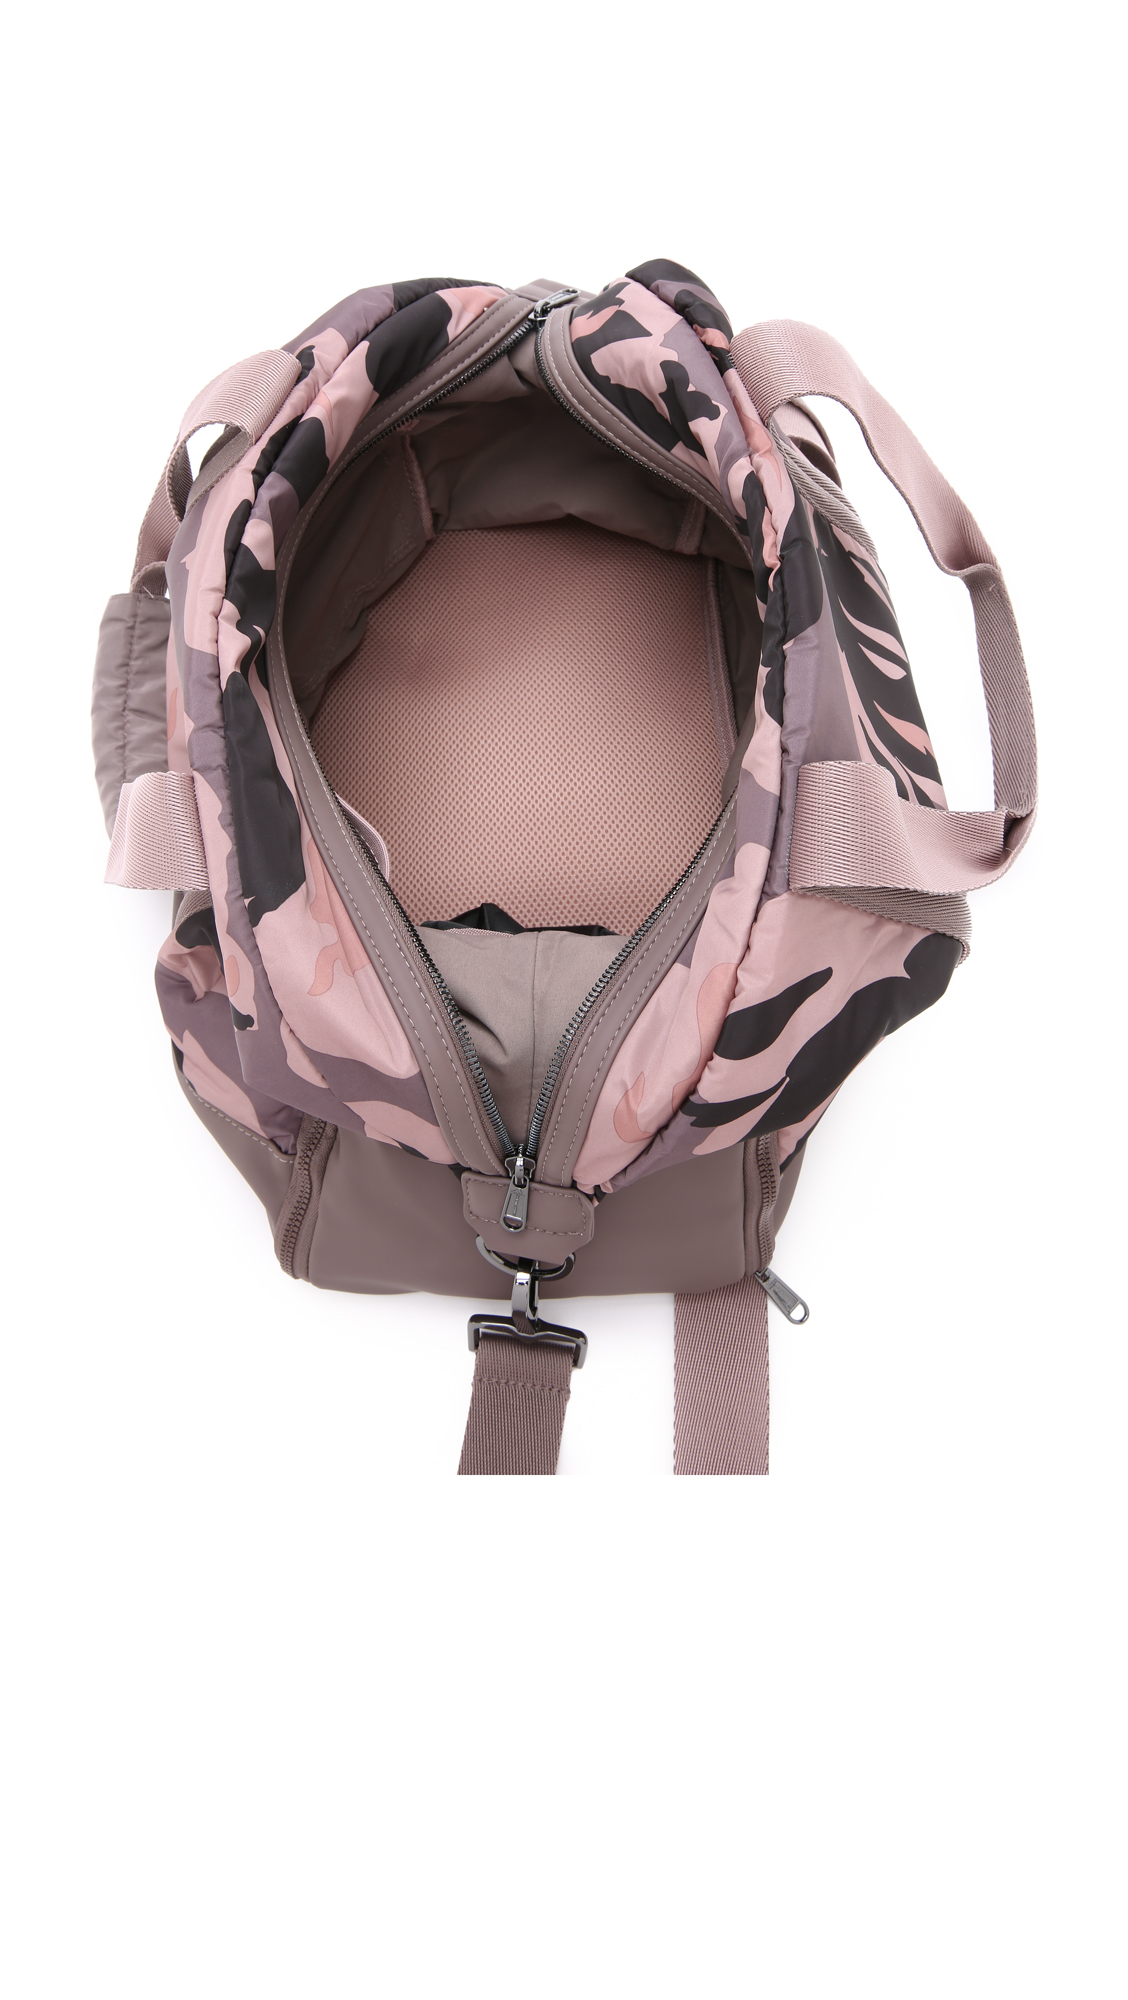 adidas by Stella McCartney Small Gym Bag  b954a70b88b8c